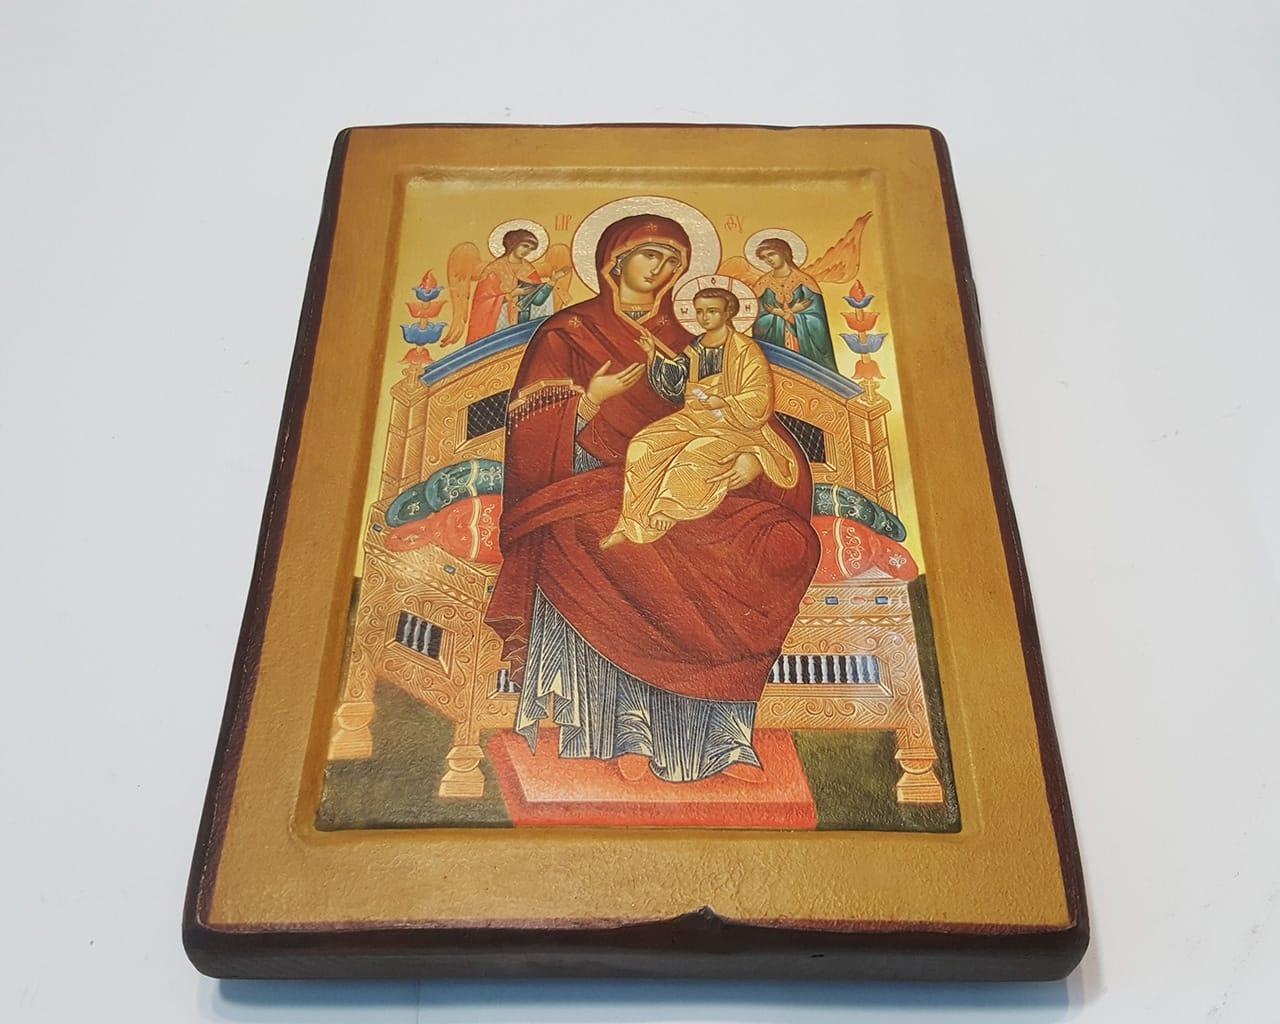 Ікона Божої Матері Всецариця Ватопедська на Ковчежній Дошці f3b1bc79e889f